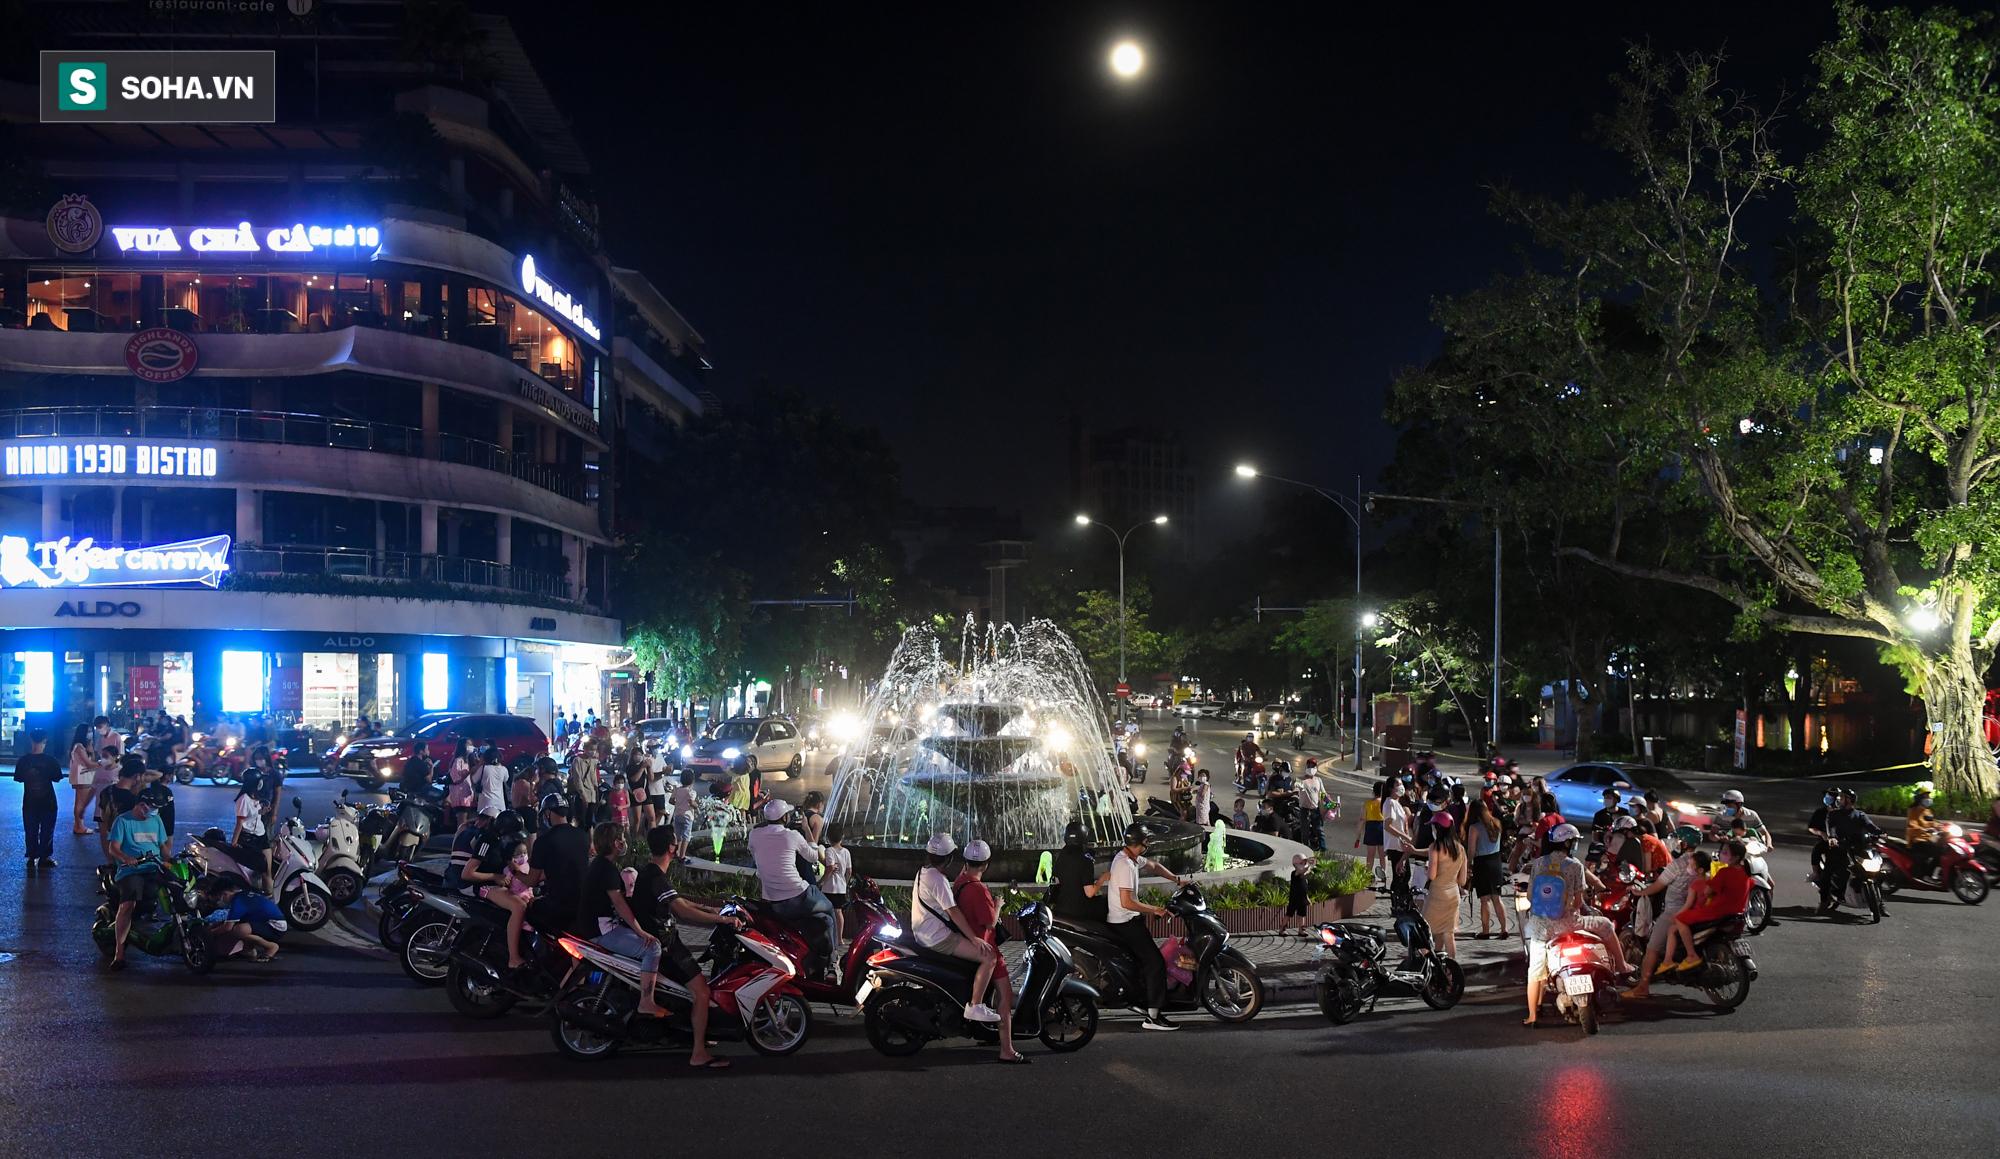 Dòng xe đông như hội nối đuôi nhau trên nhiều tuyến phố trung tâm thủ đô đêm Trung thu - Ảnh 7.